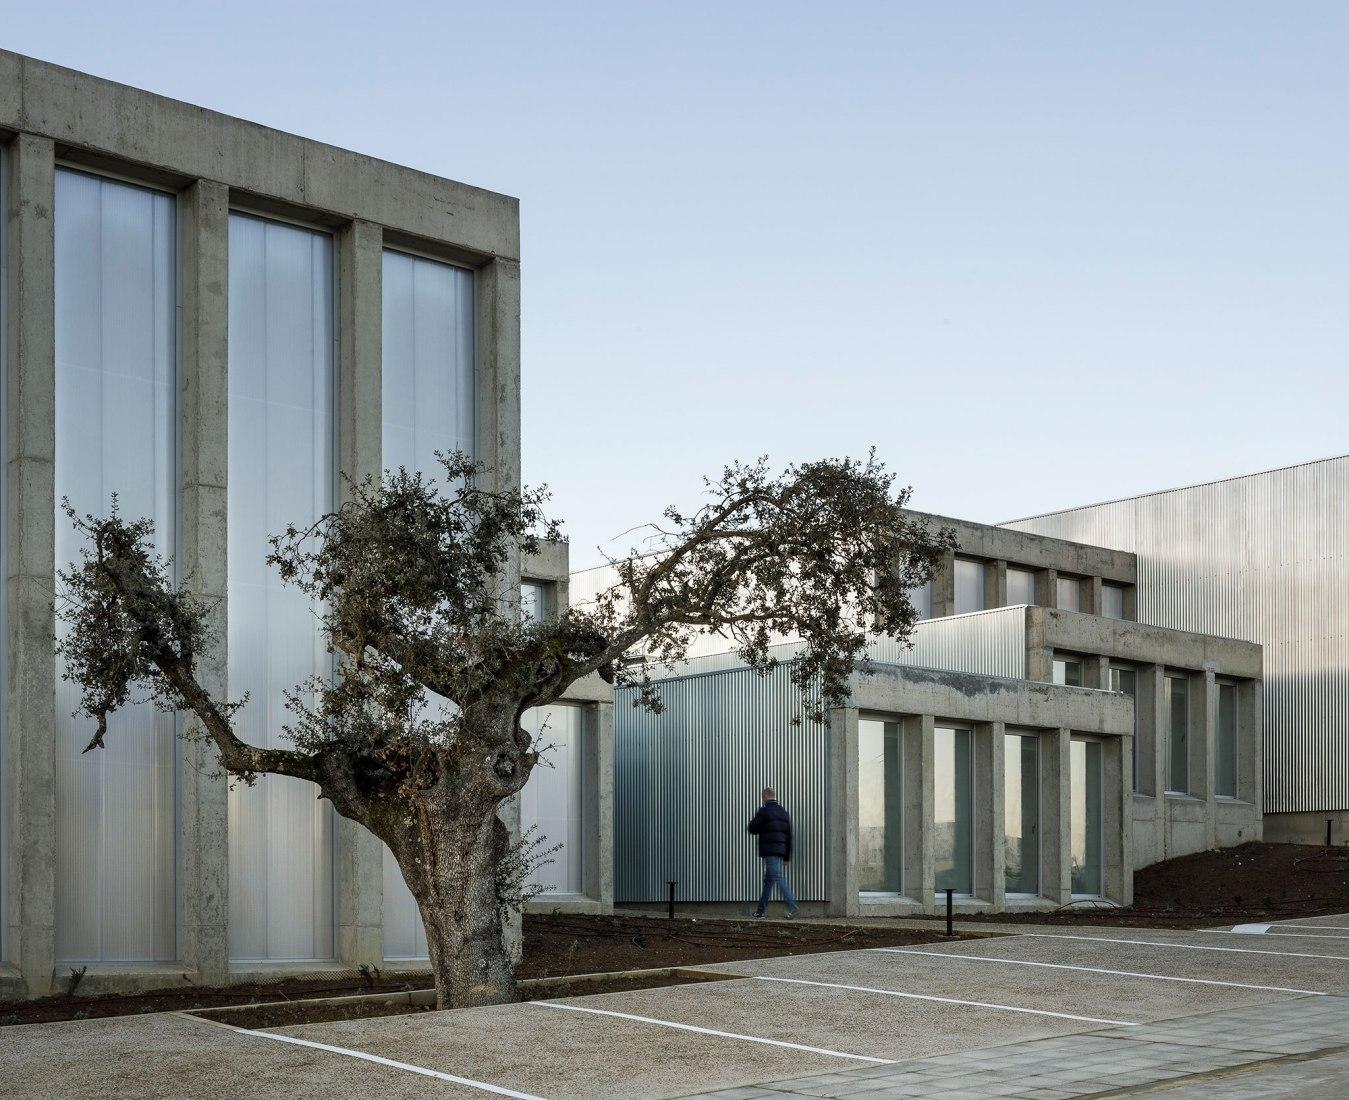 Edificio Industrial para Brigadas & Promedio Este por Estudio Arquitectura Hago. Fotografía por Fernando Alda